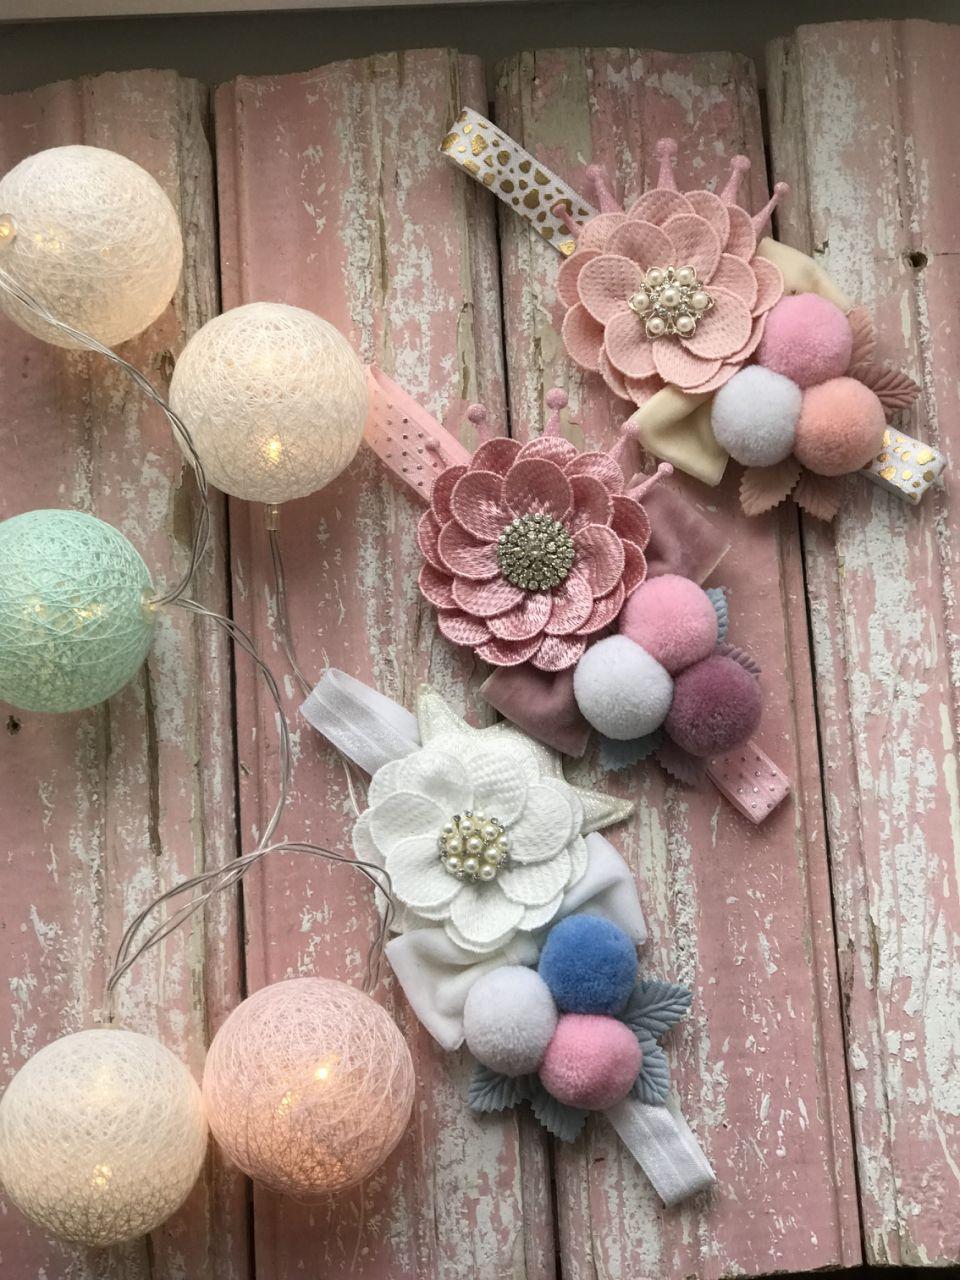 Повязка ручной работы с цветком и помпонами (пастельная гамма)